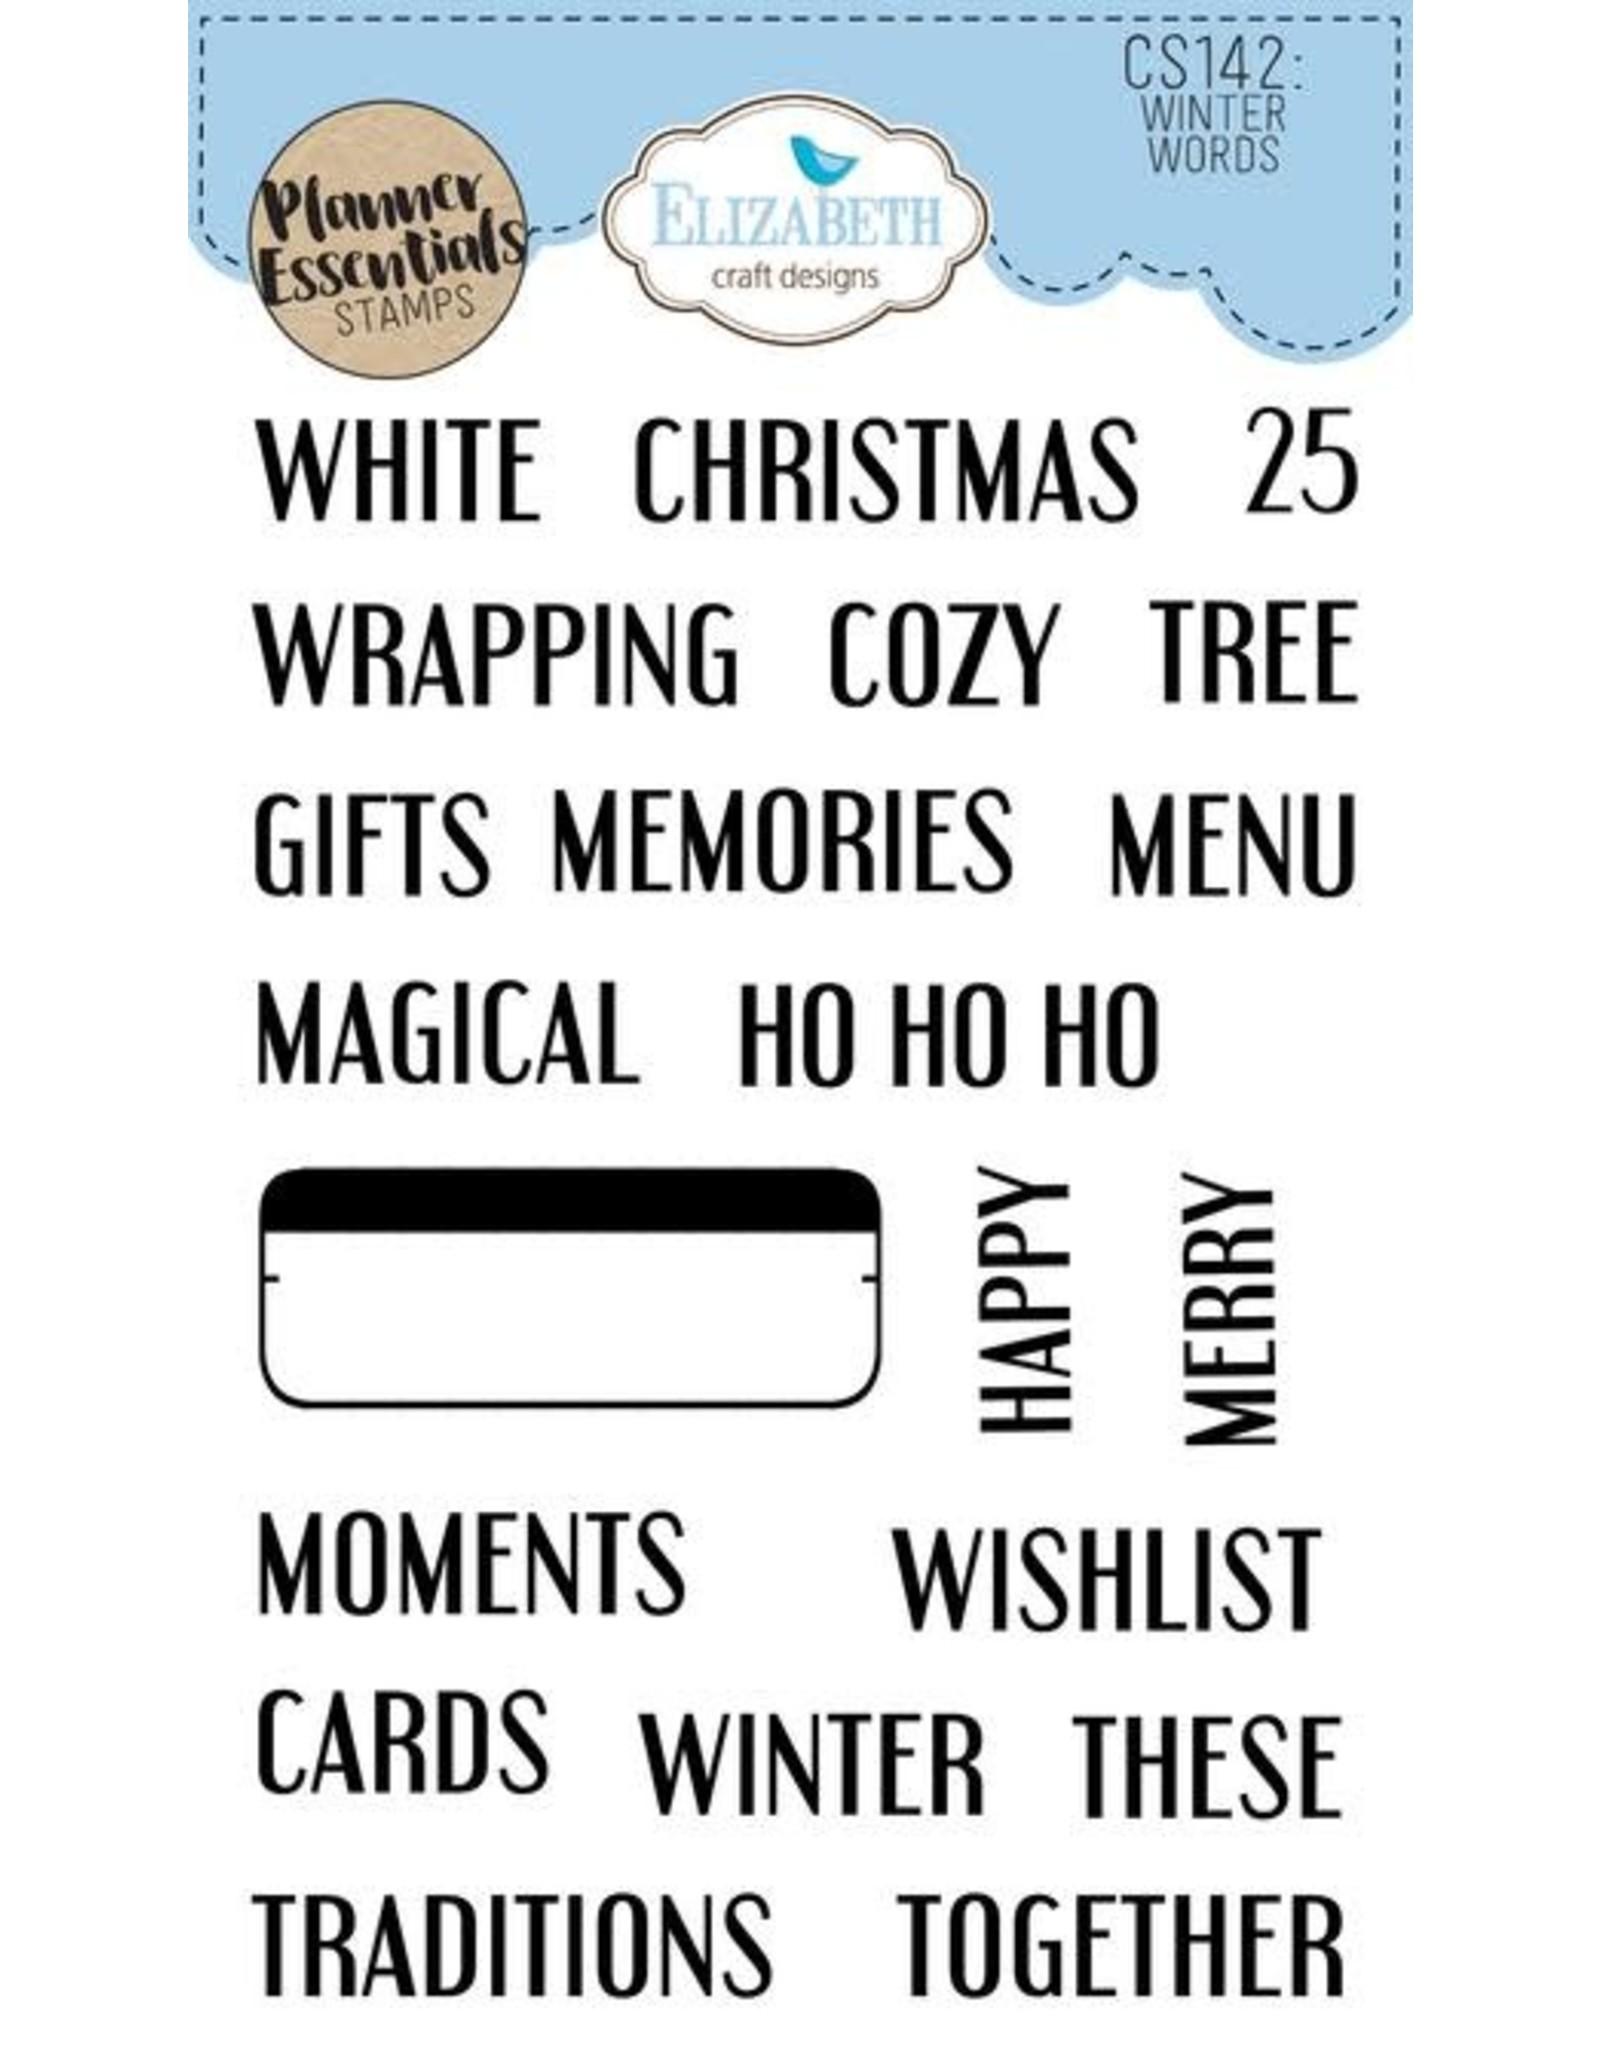 Elizabeth Craft Designs Elizabeth Craft Designs PLanner essentials stamps winter words CS142